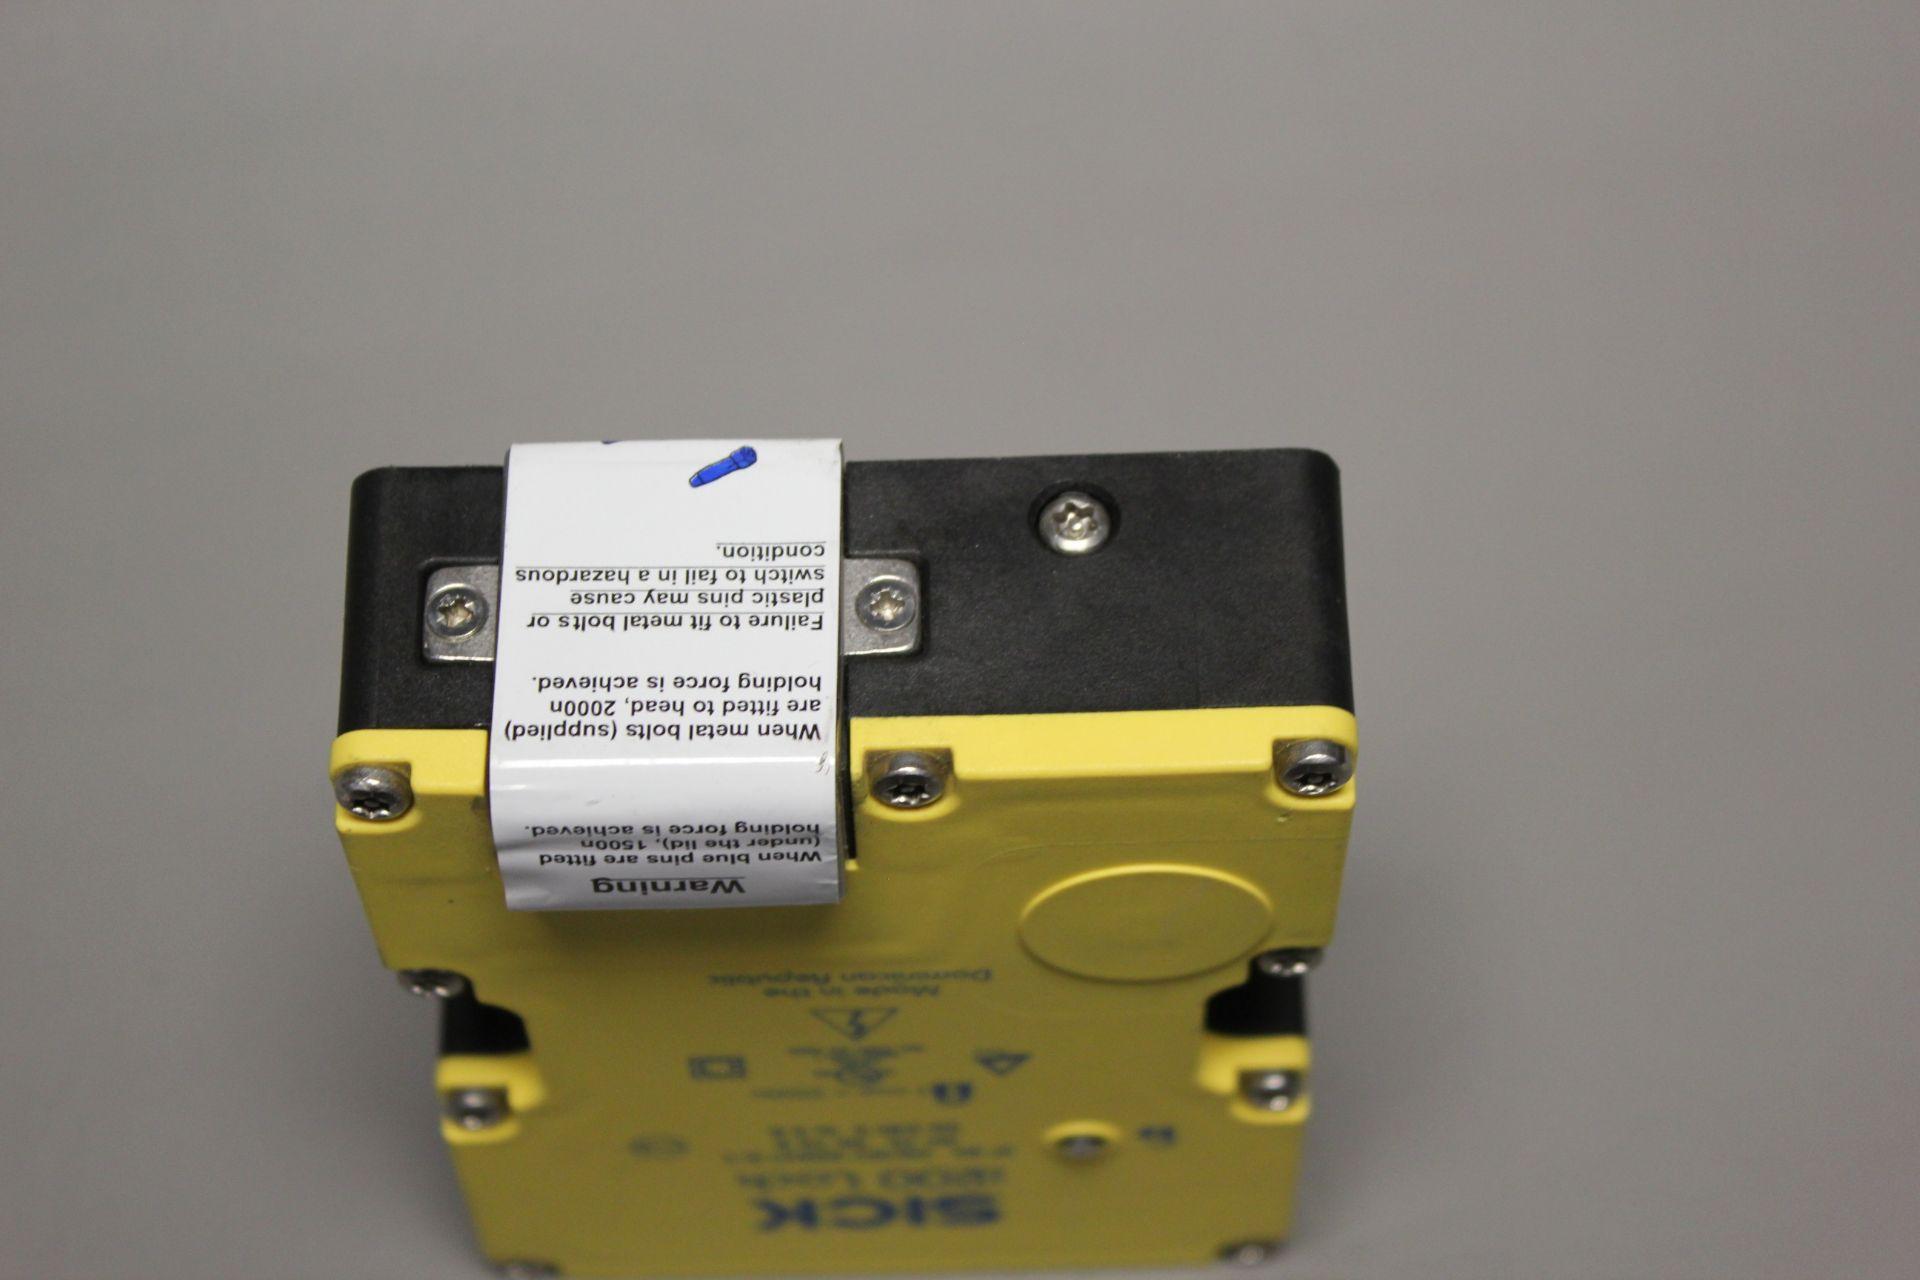 UNUSED SICK i200 SAFETY INTERLOCK SWITCH - Image 4 of 4